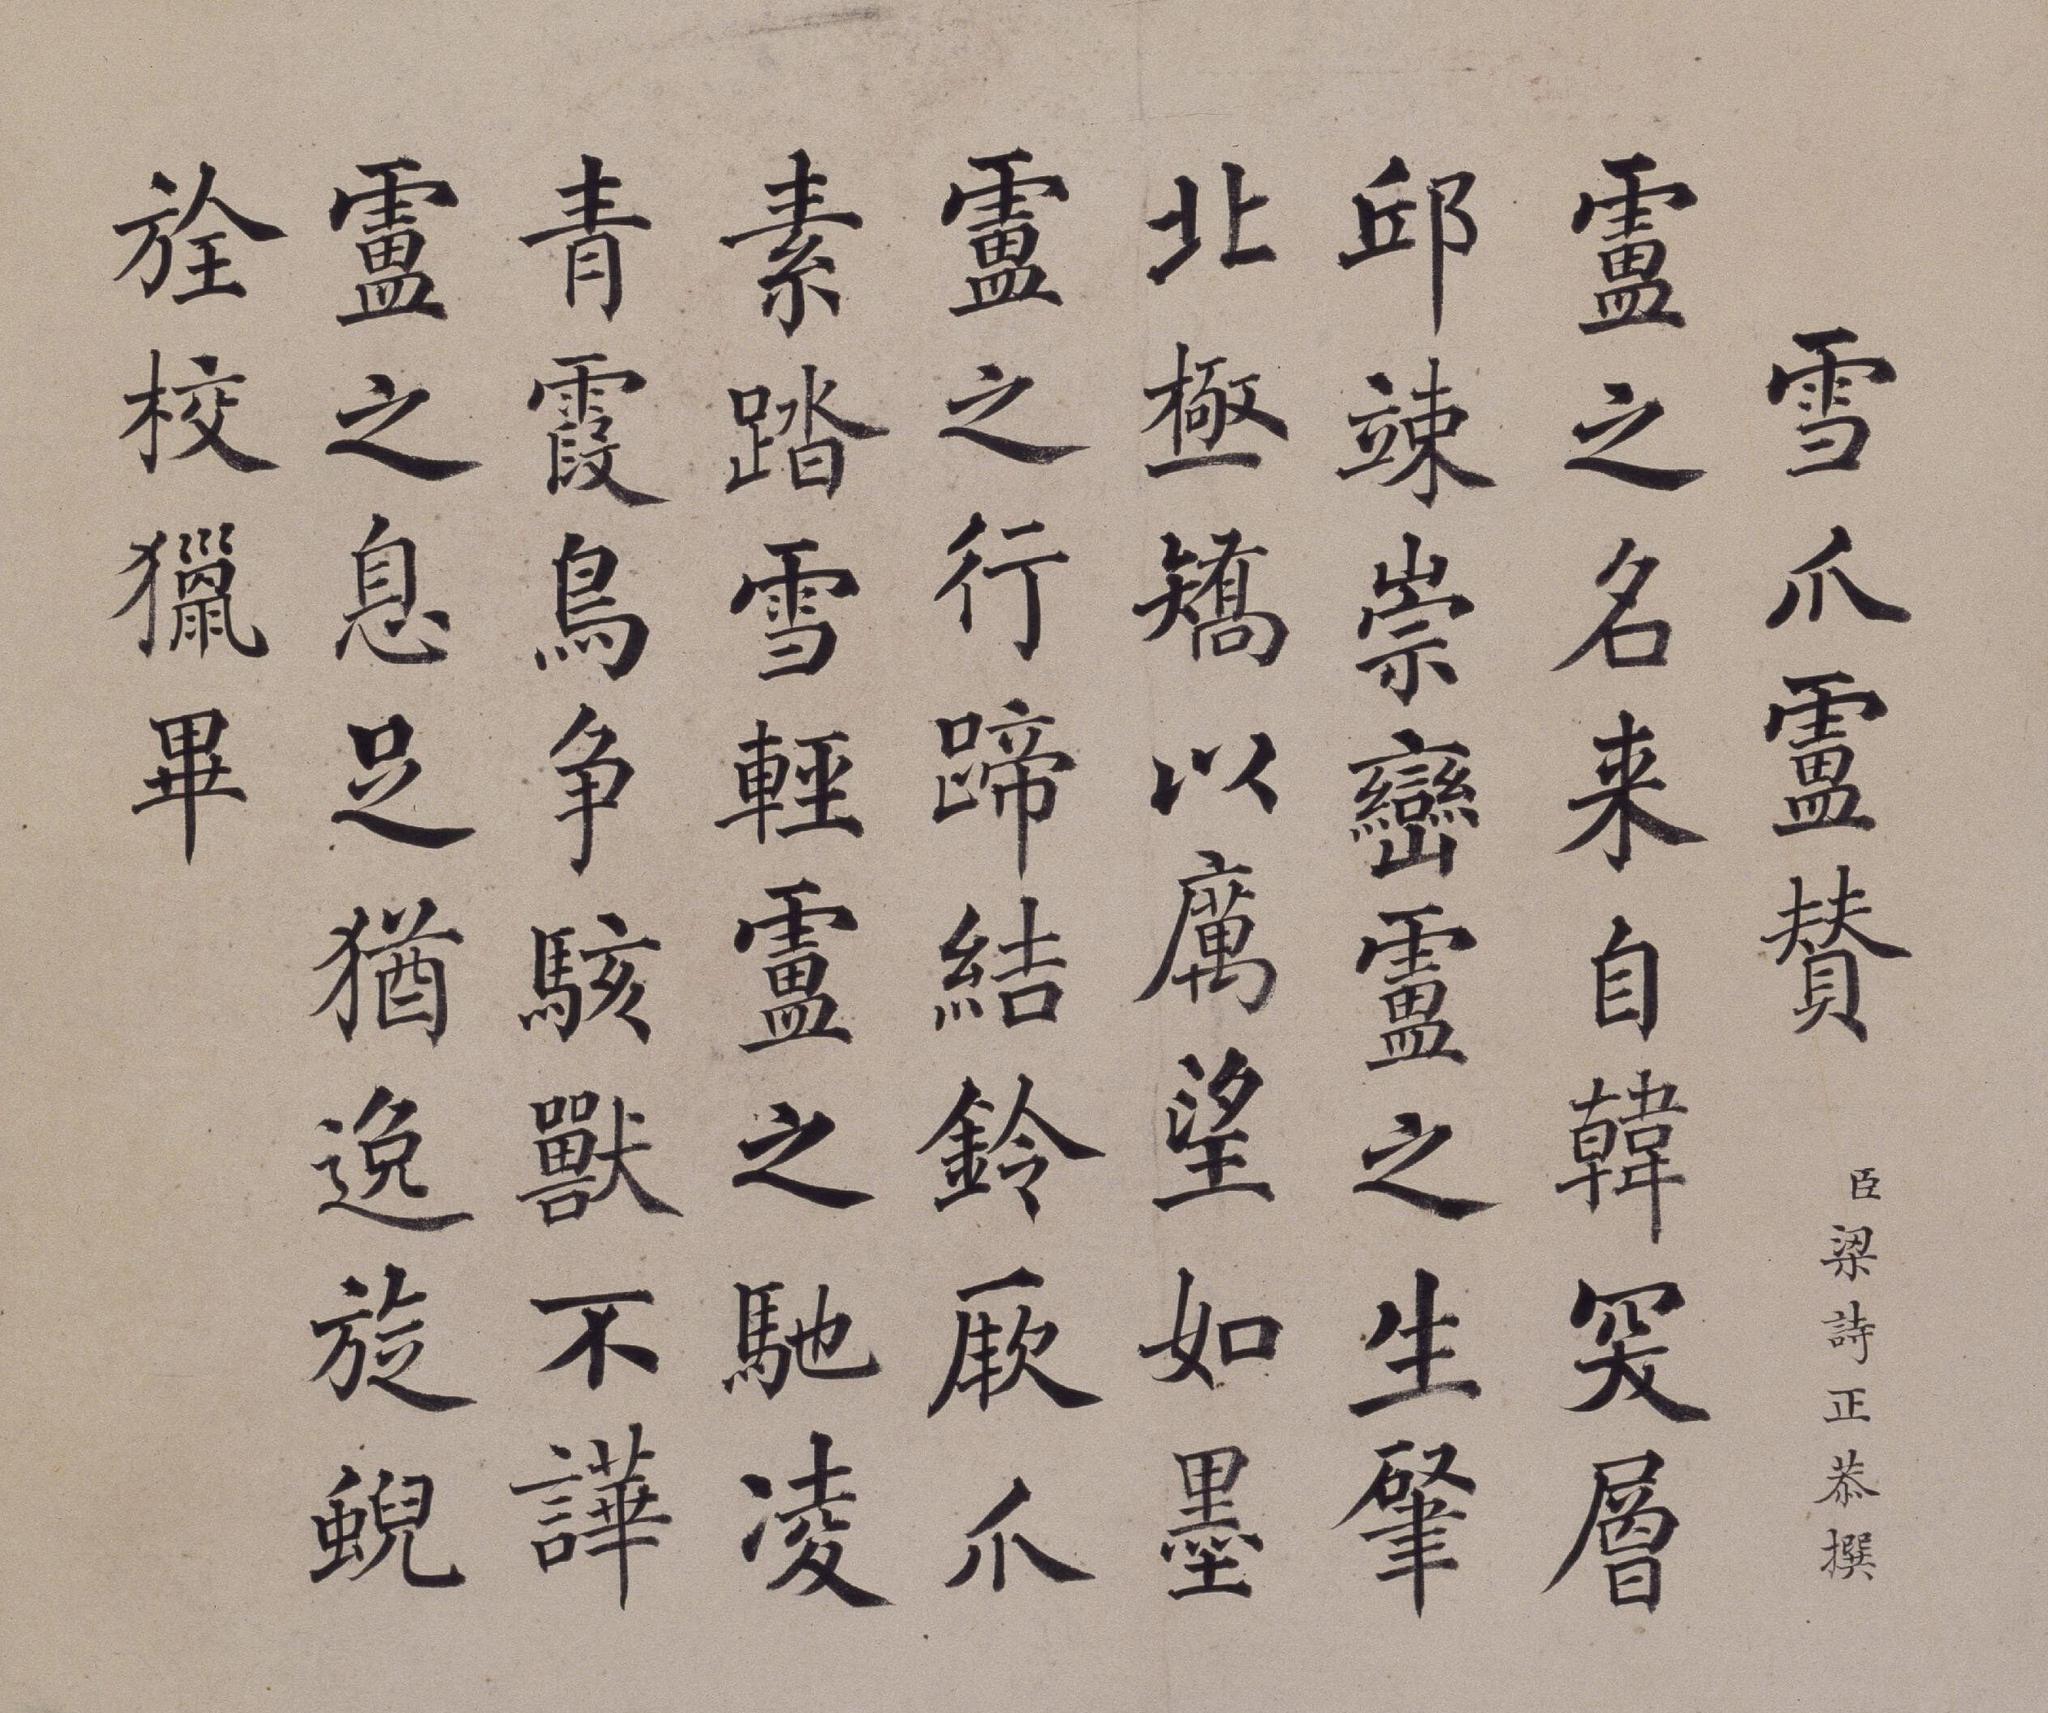 嵇璜 | 十骏犬图册题字